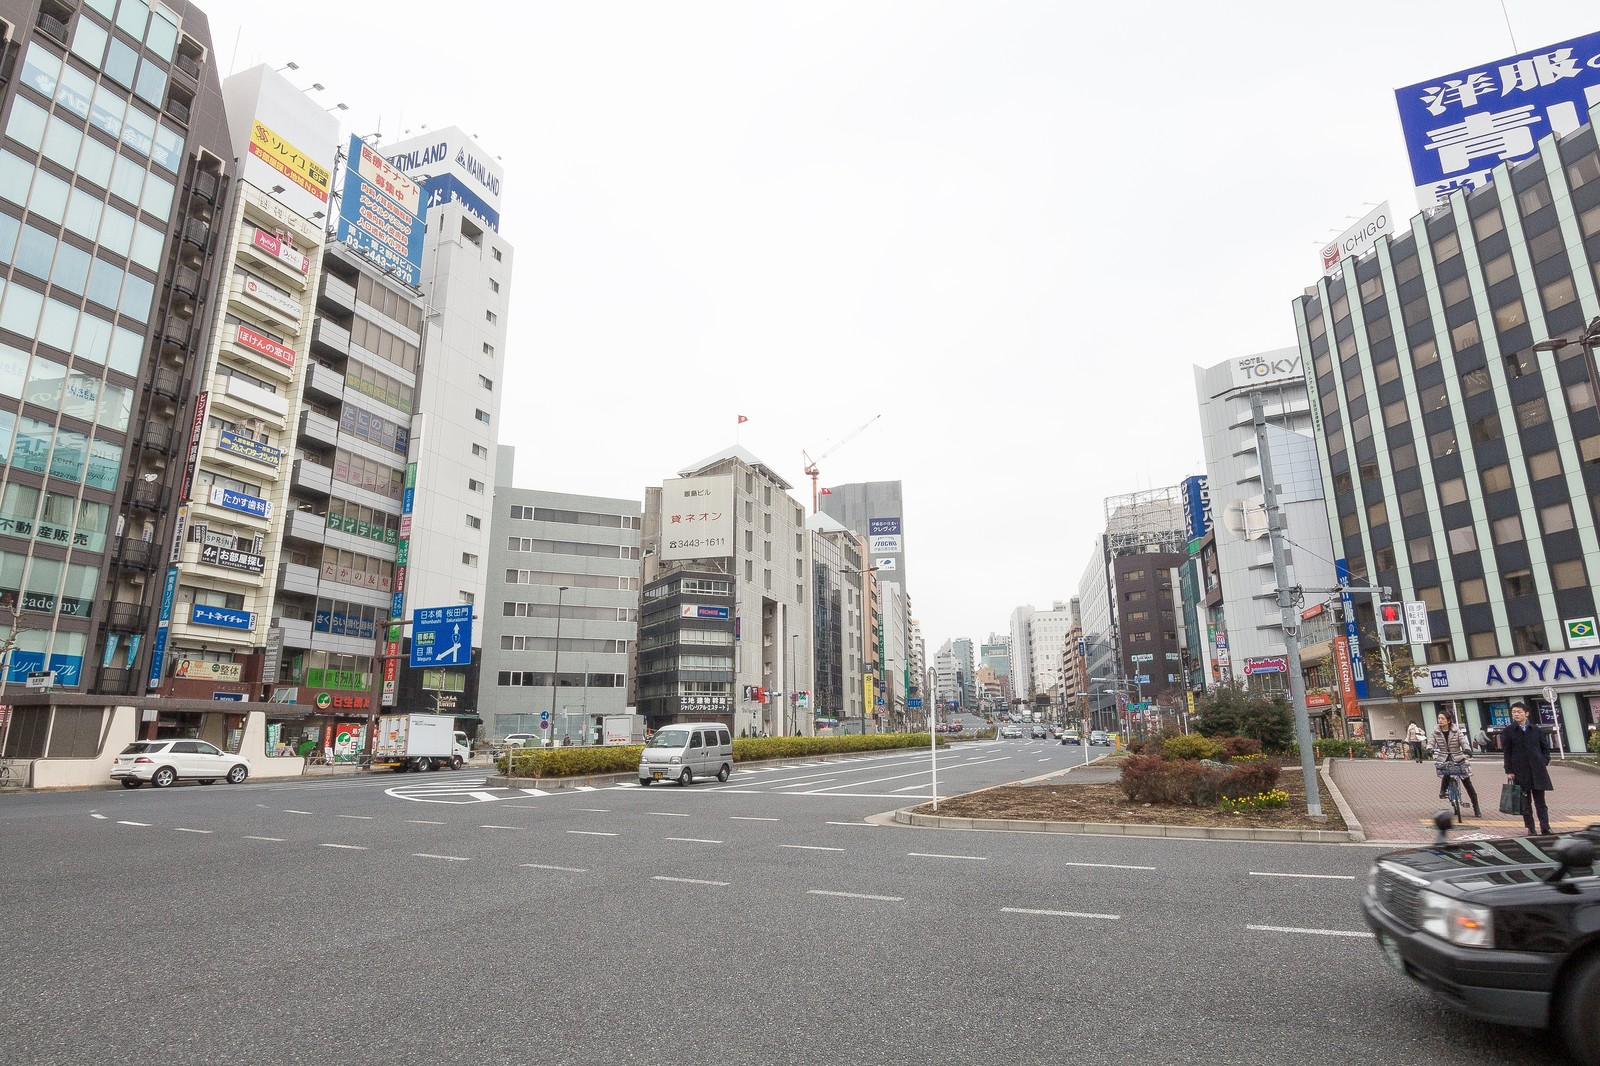 「五反田駅前(桜田通り)」の写真